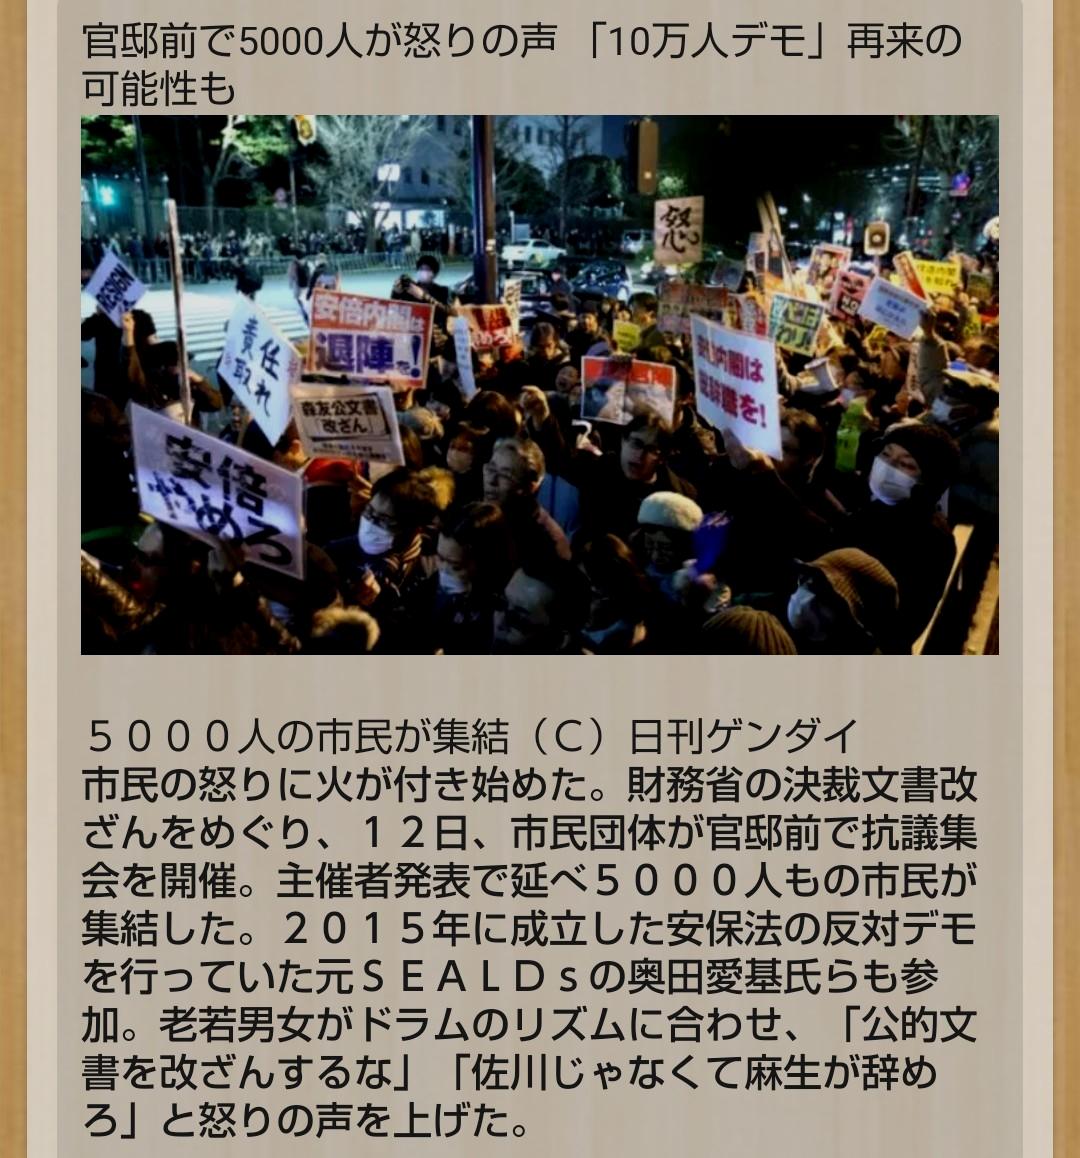 【話題】官邸前で日本市民ら5000人がデモ  朝鮮太鼓ならしてる人達は 日本と戦争する気らしい